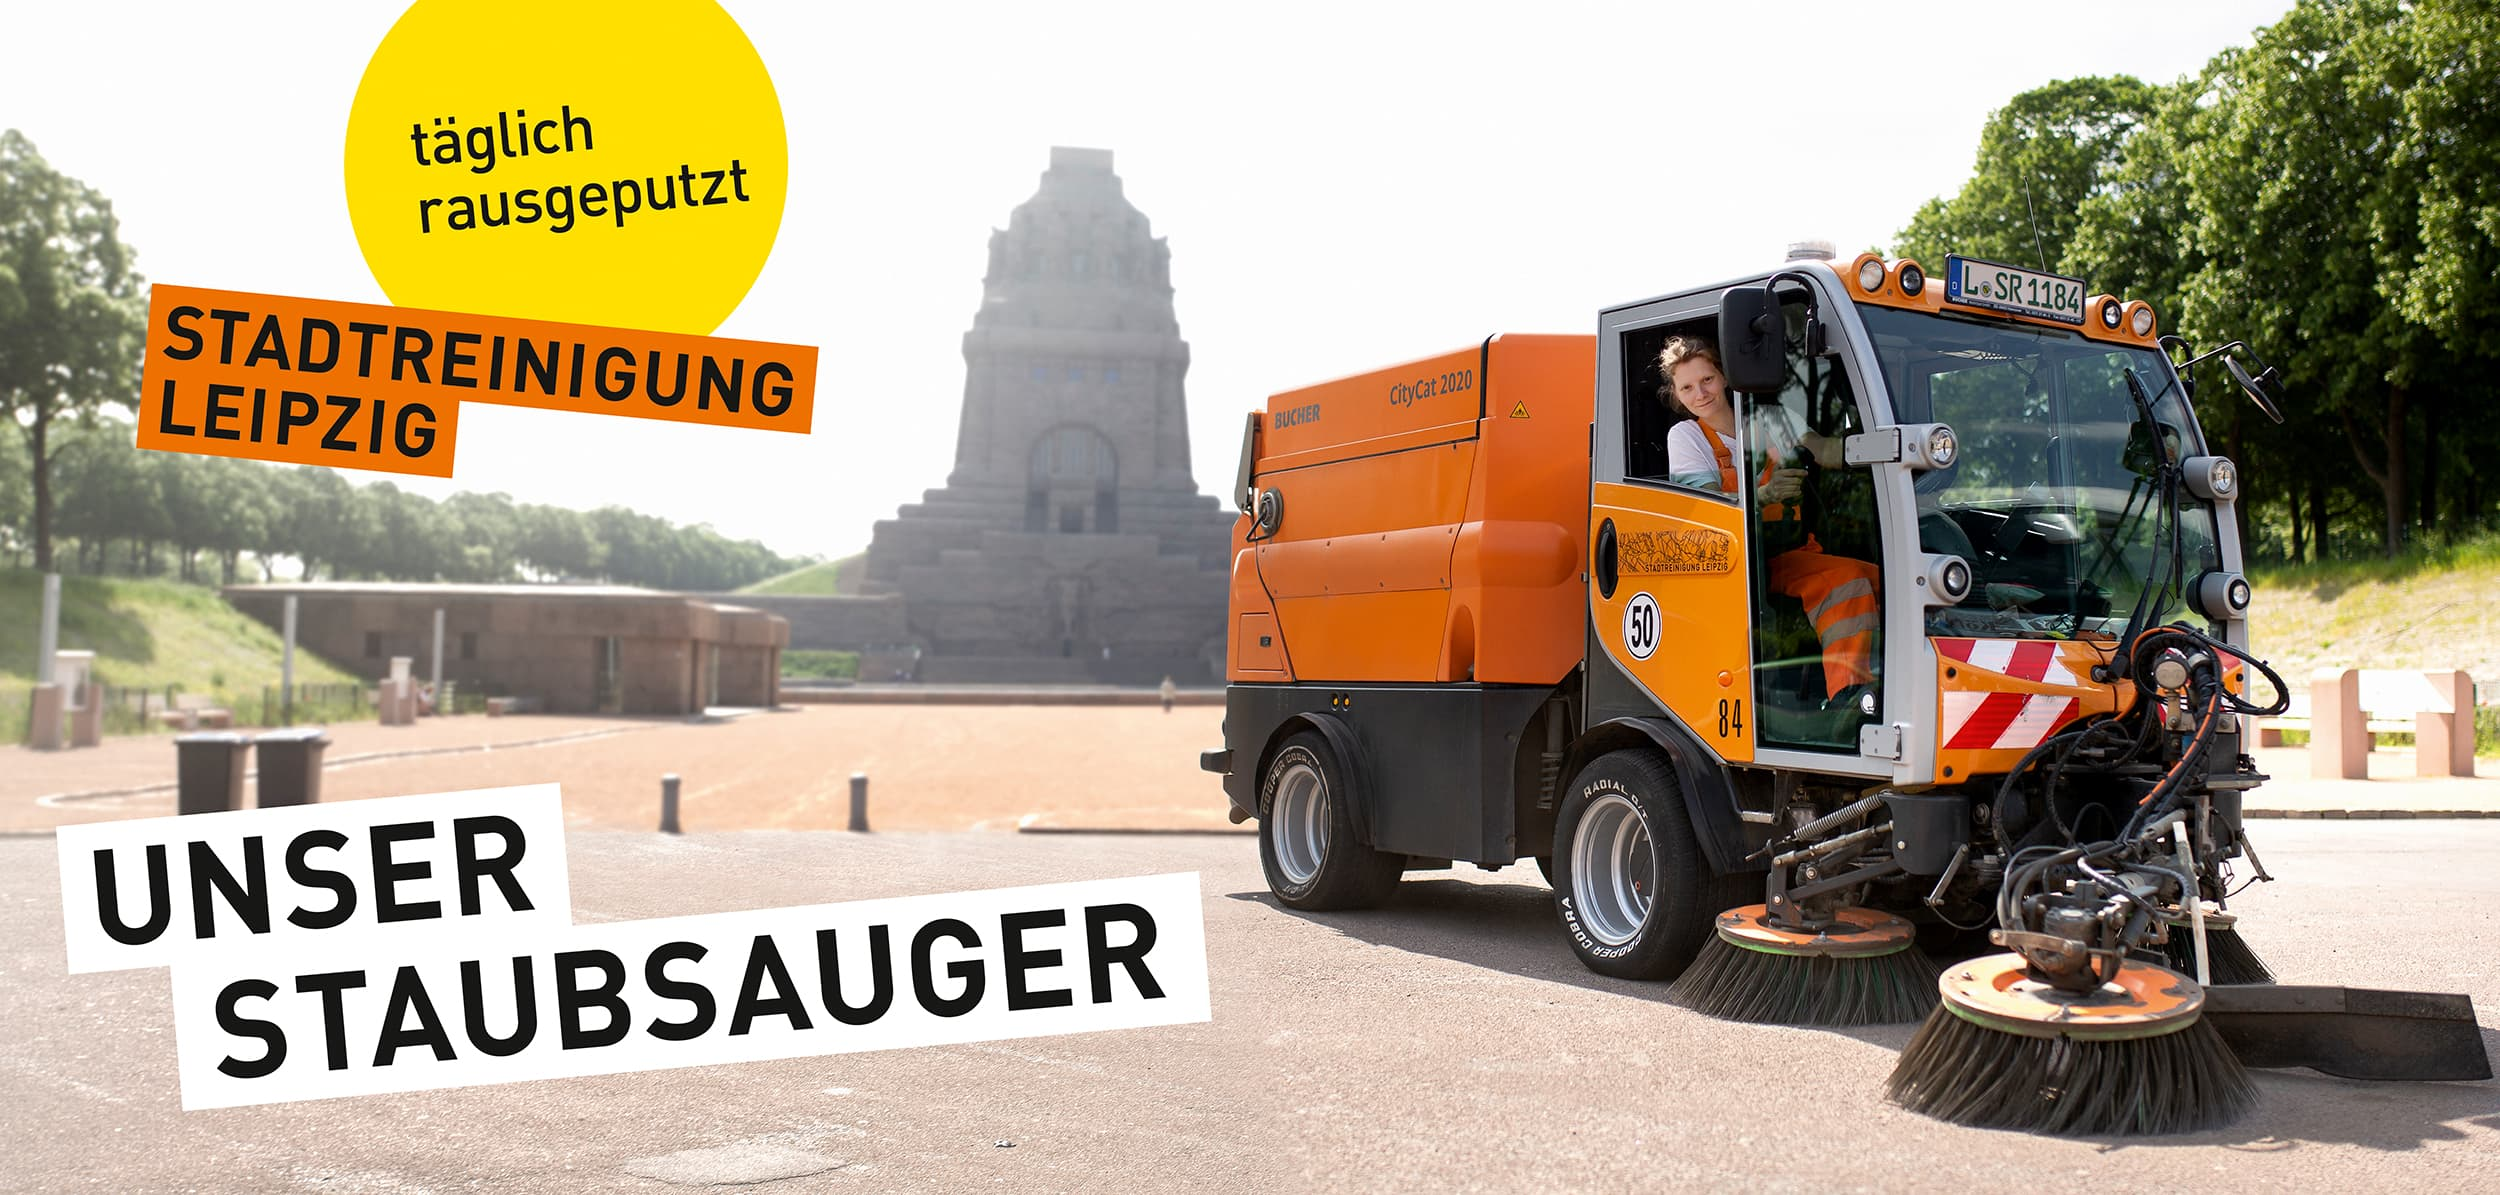 Regentaucher | Fotografie einer Kehrmaschine für die Image Kampagne der Stadtreinigung Leipzig